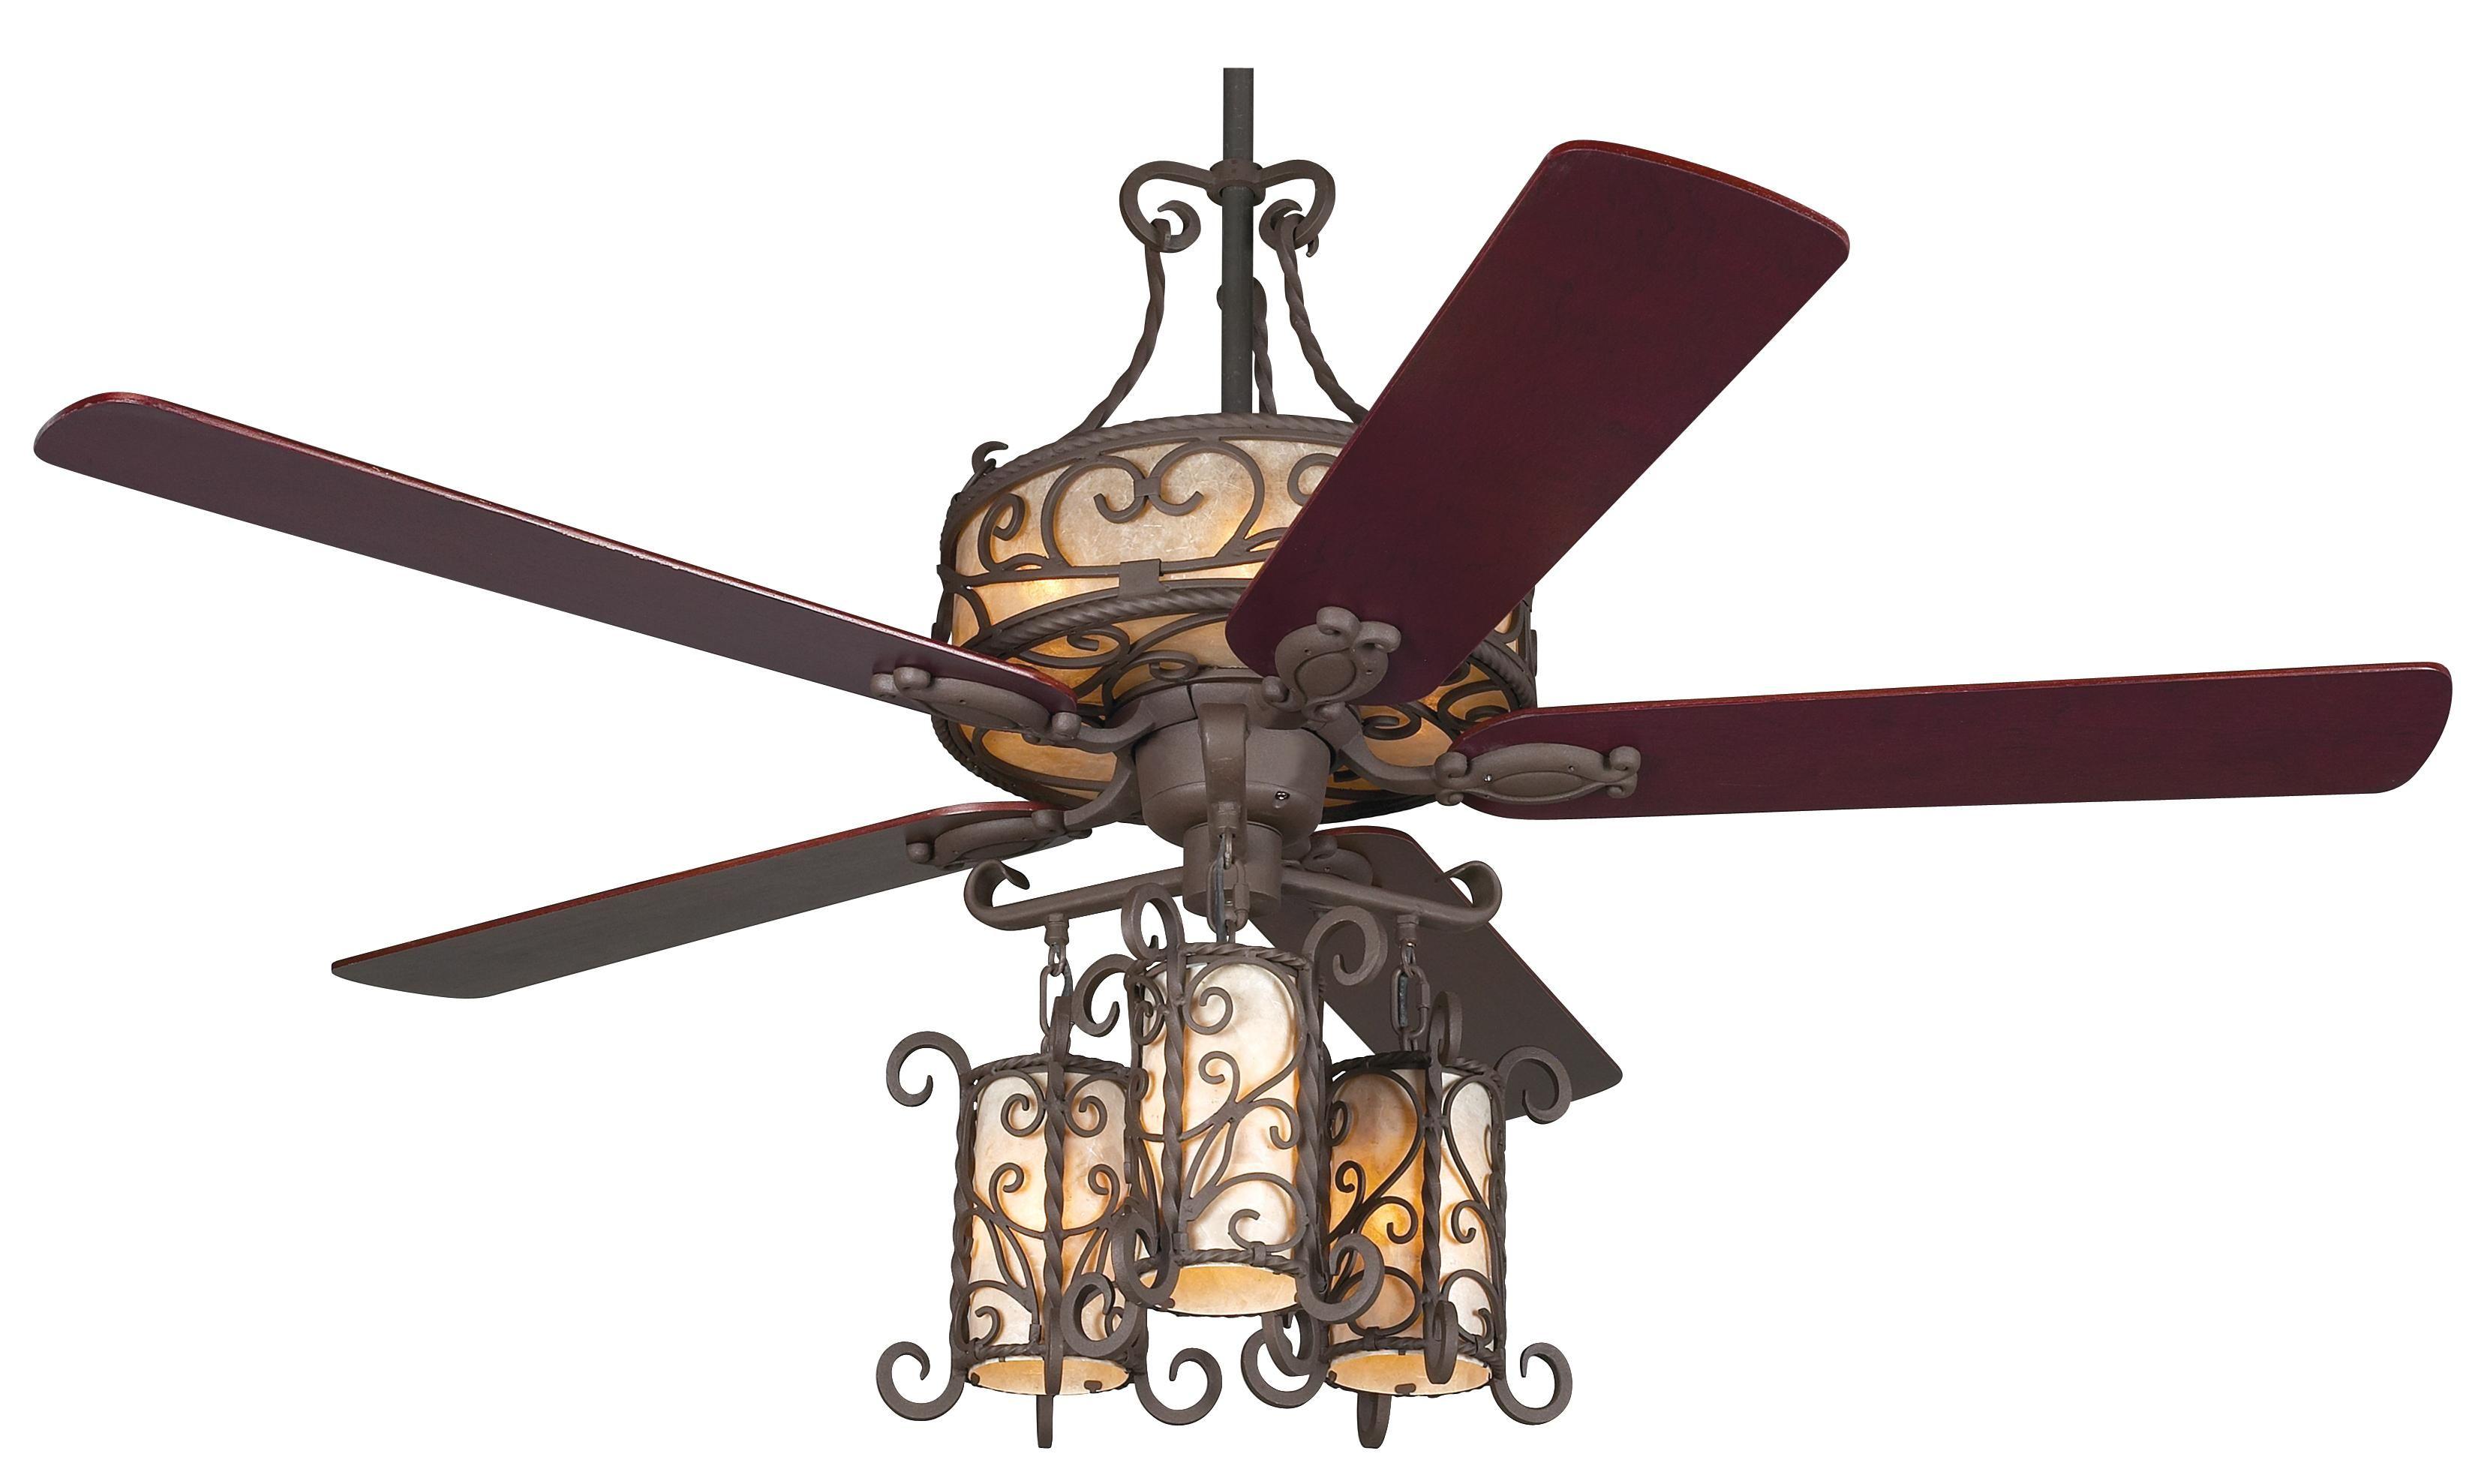 Seville Light Kit Ceiling Fan Spanish Influenced Rustic